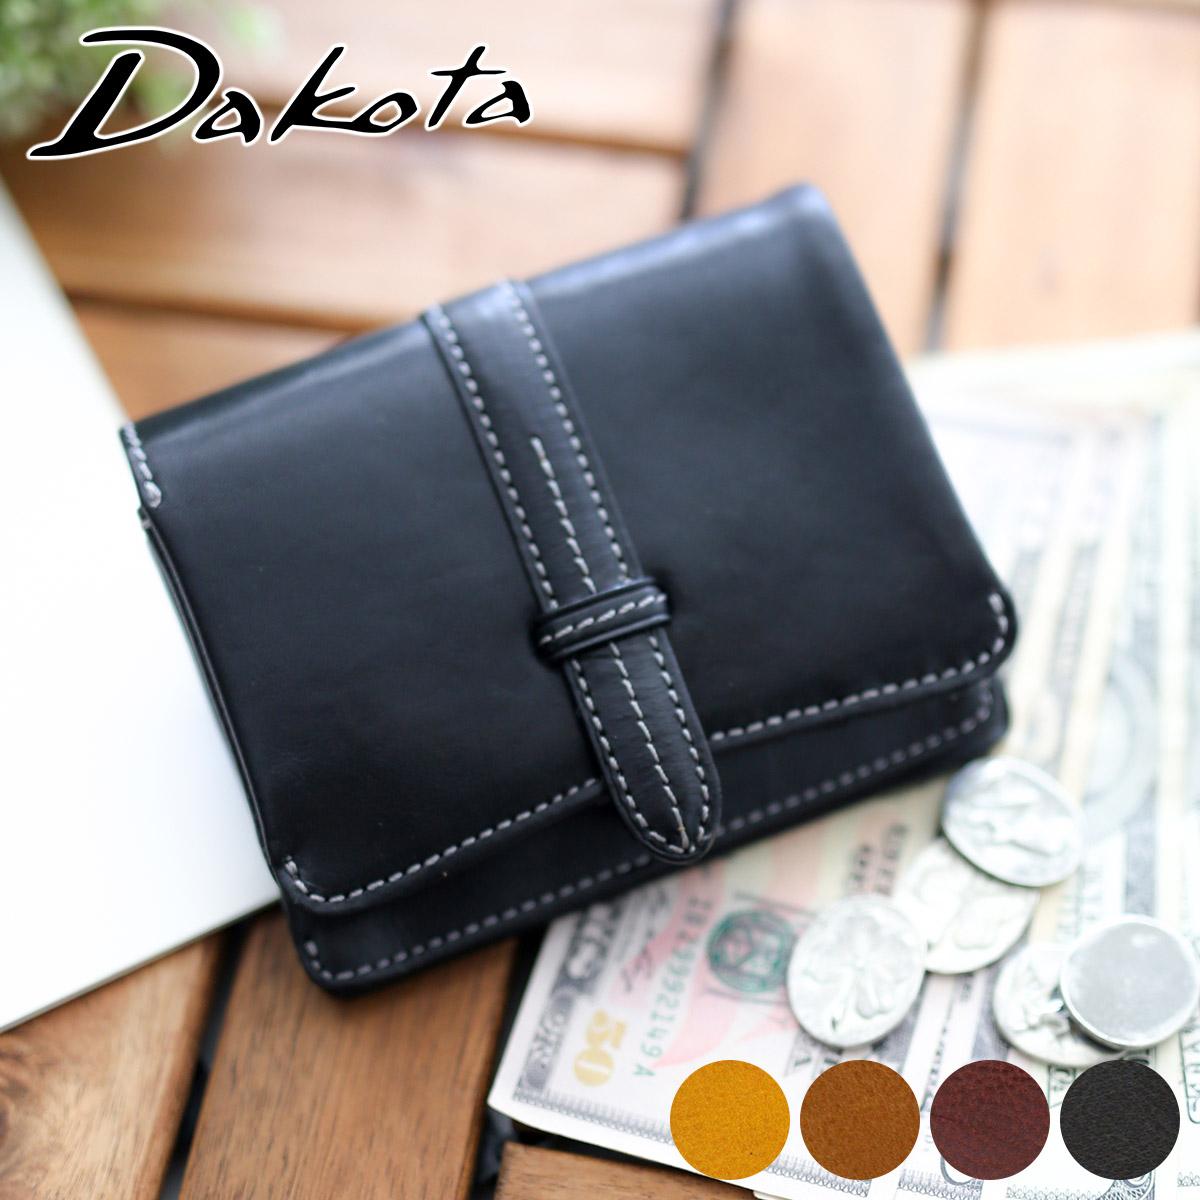 【かわいいWプレゼント付】 Dakota ダコタ 財布クラプトン 小銭入れ付き 二つ折り財布 0035113(0030113)レディース 31513 財布 ギフト かわいい おしゃれ プレゼント ブランド